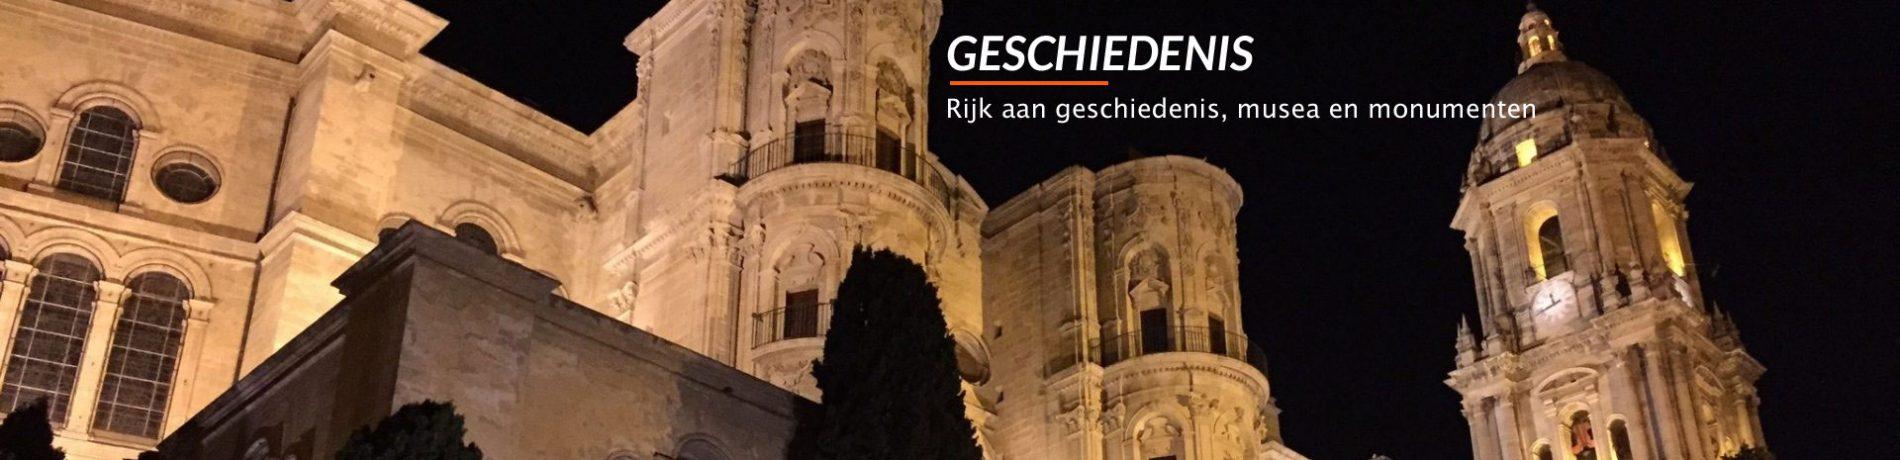 GESCHIEDENIS Een rijke geschiedenis, musea en monumenten